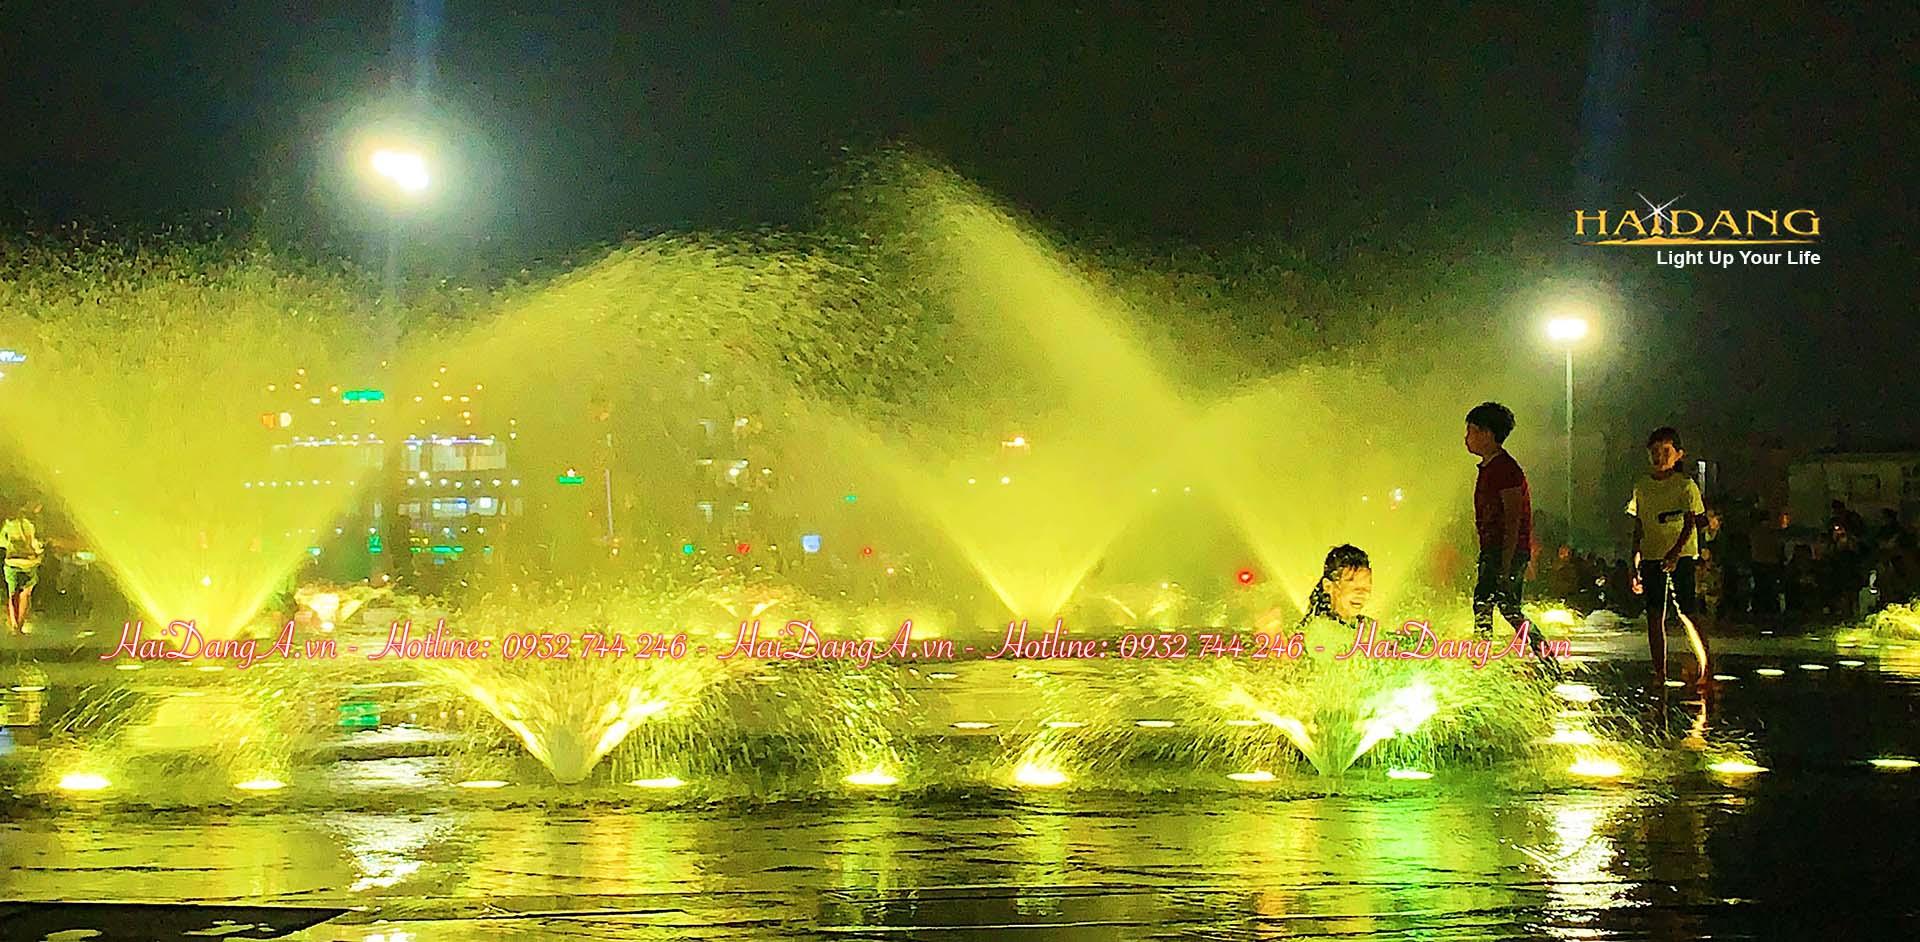 Hệ thống phun nước âm sàn rực rỡ sắc màu ban đêm